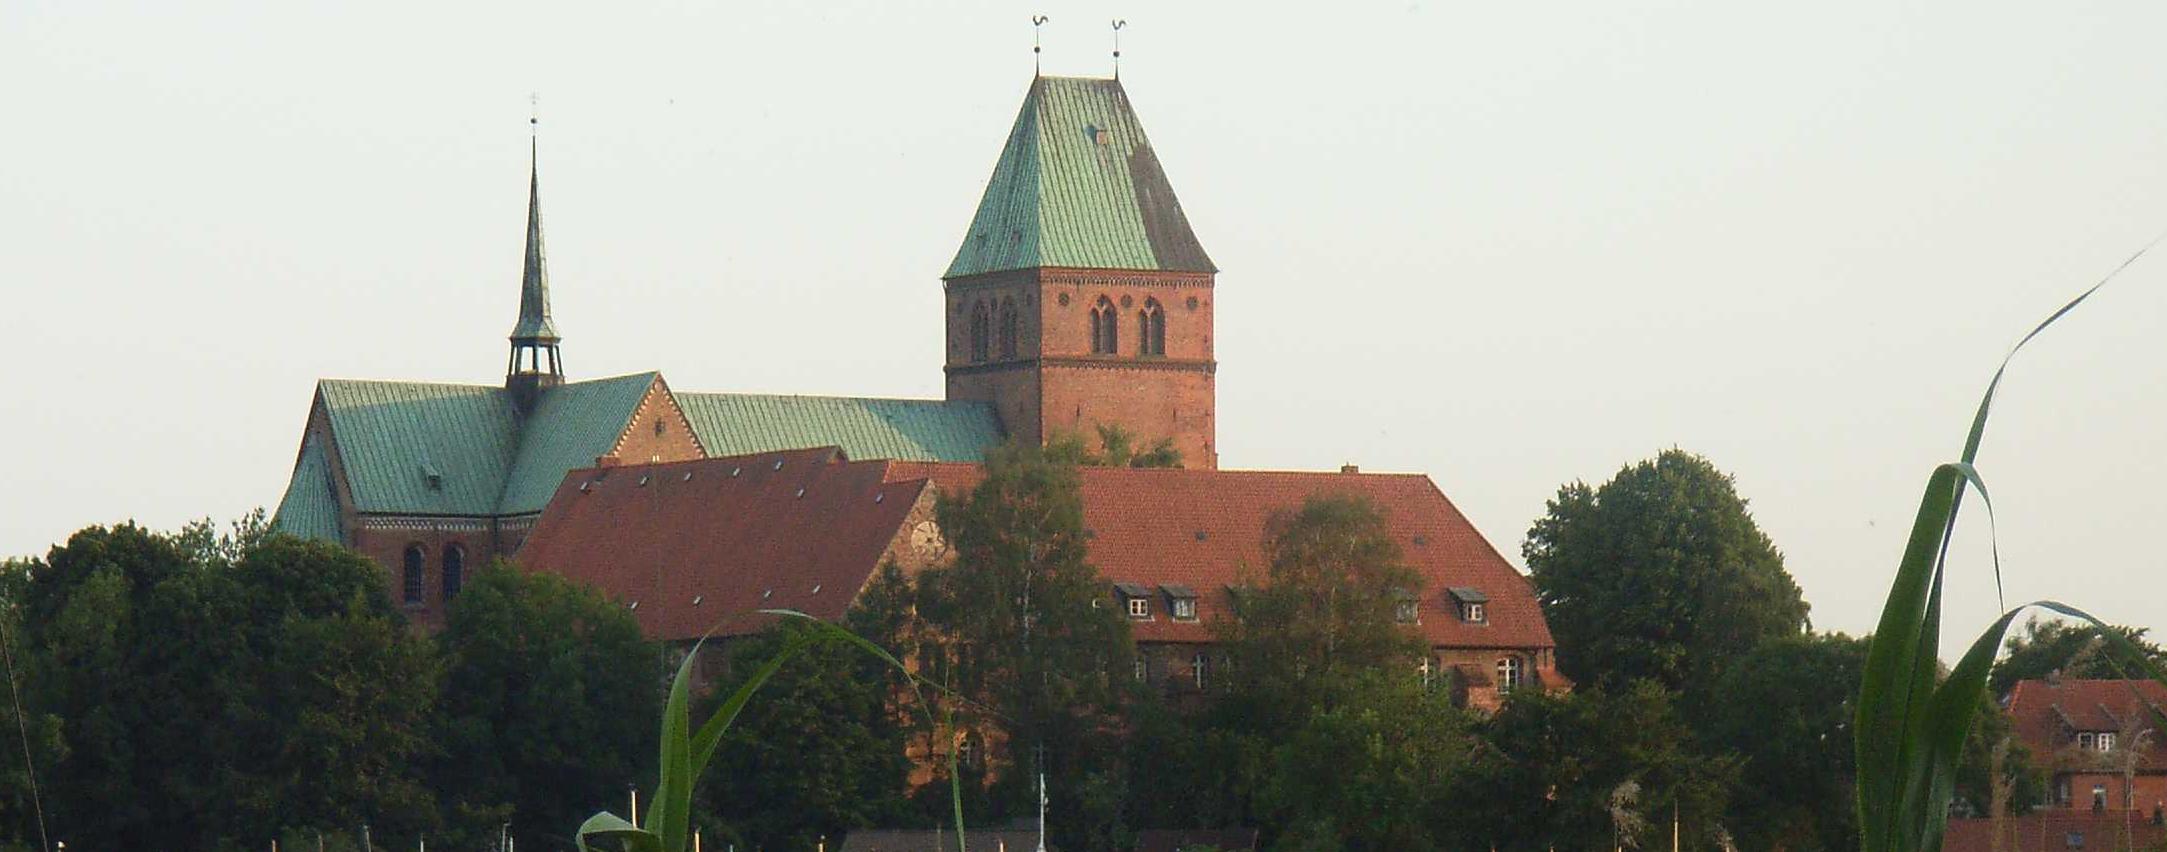 ratzeburgdom2.jpg